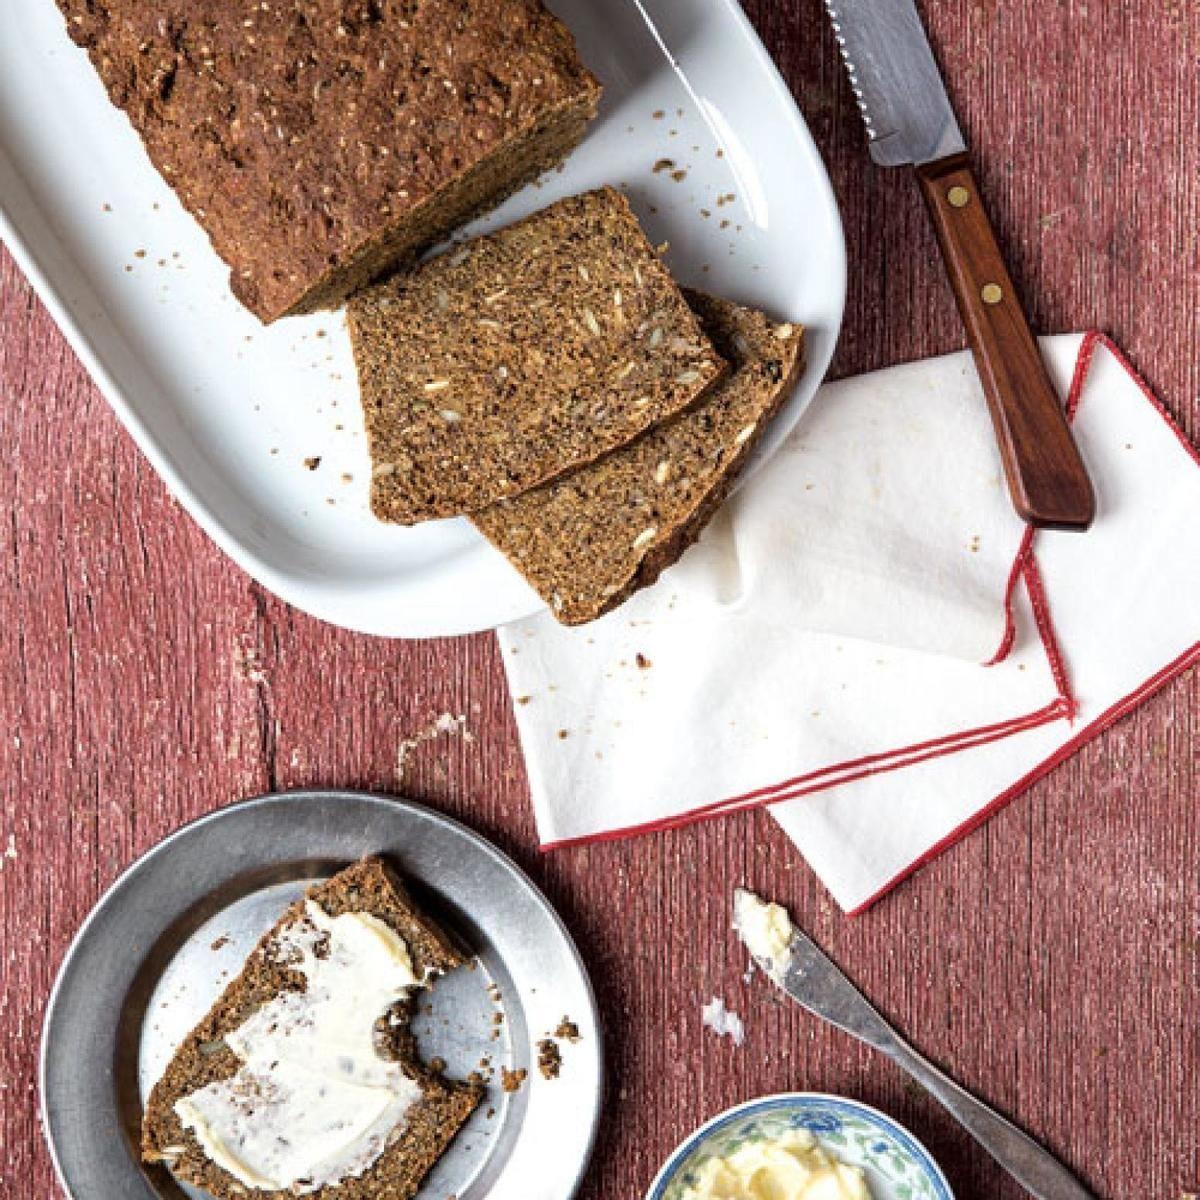 Swedish Filmjolkslimpa Seeded Buttermilk Bread Recipe Buttermilk Bread Bread Food